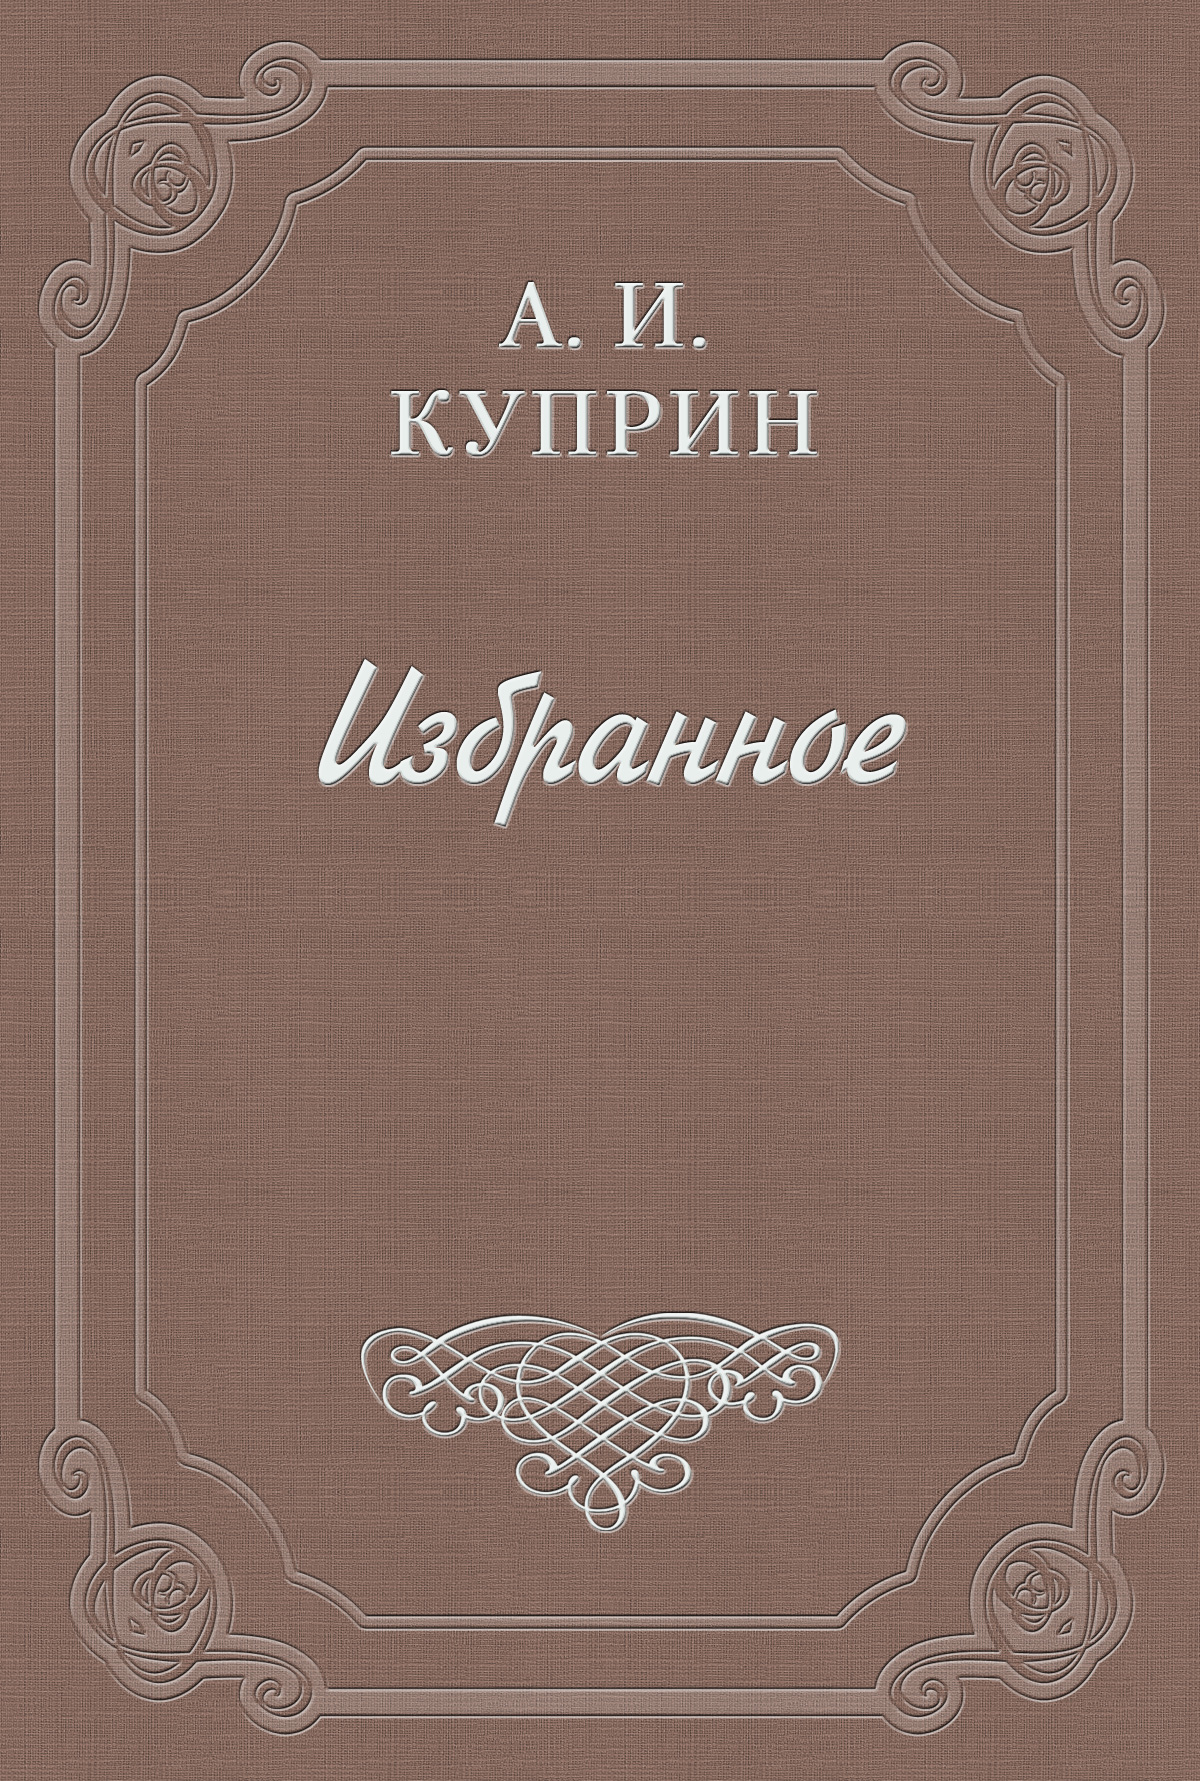 Александр Куприн Наше оправдание (о Толстом)